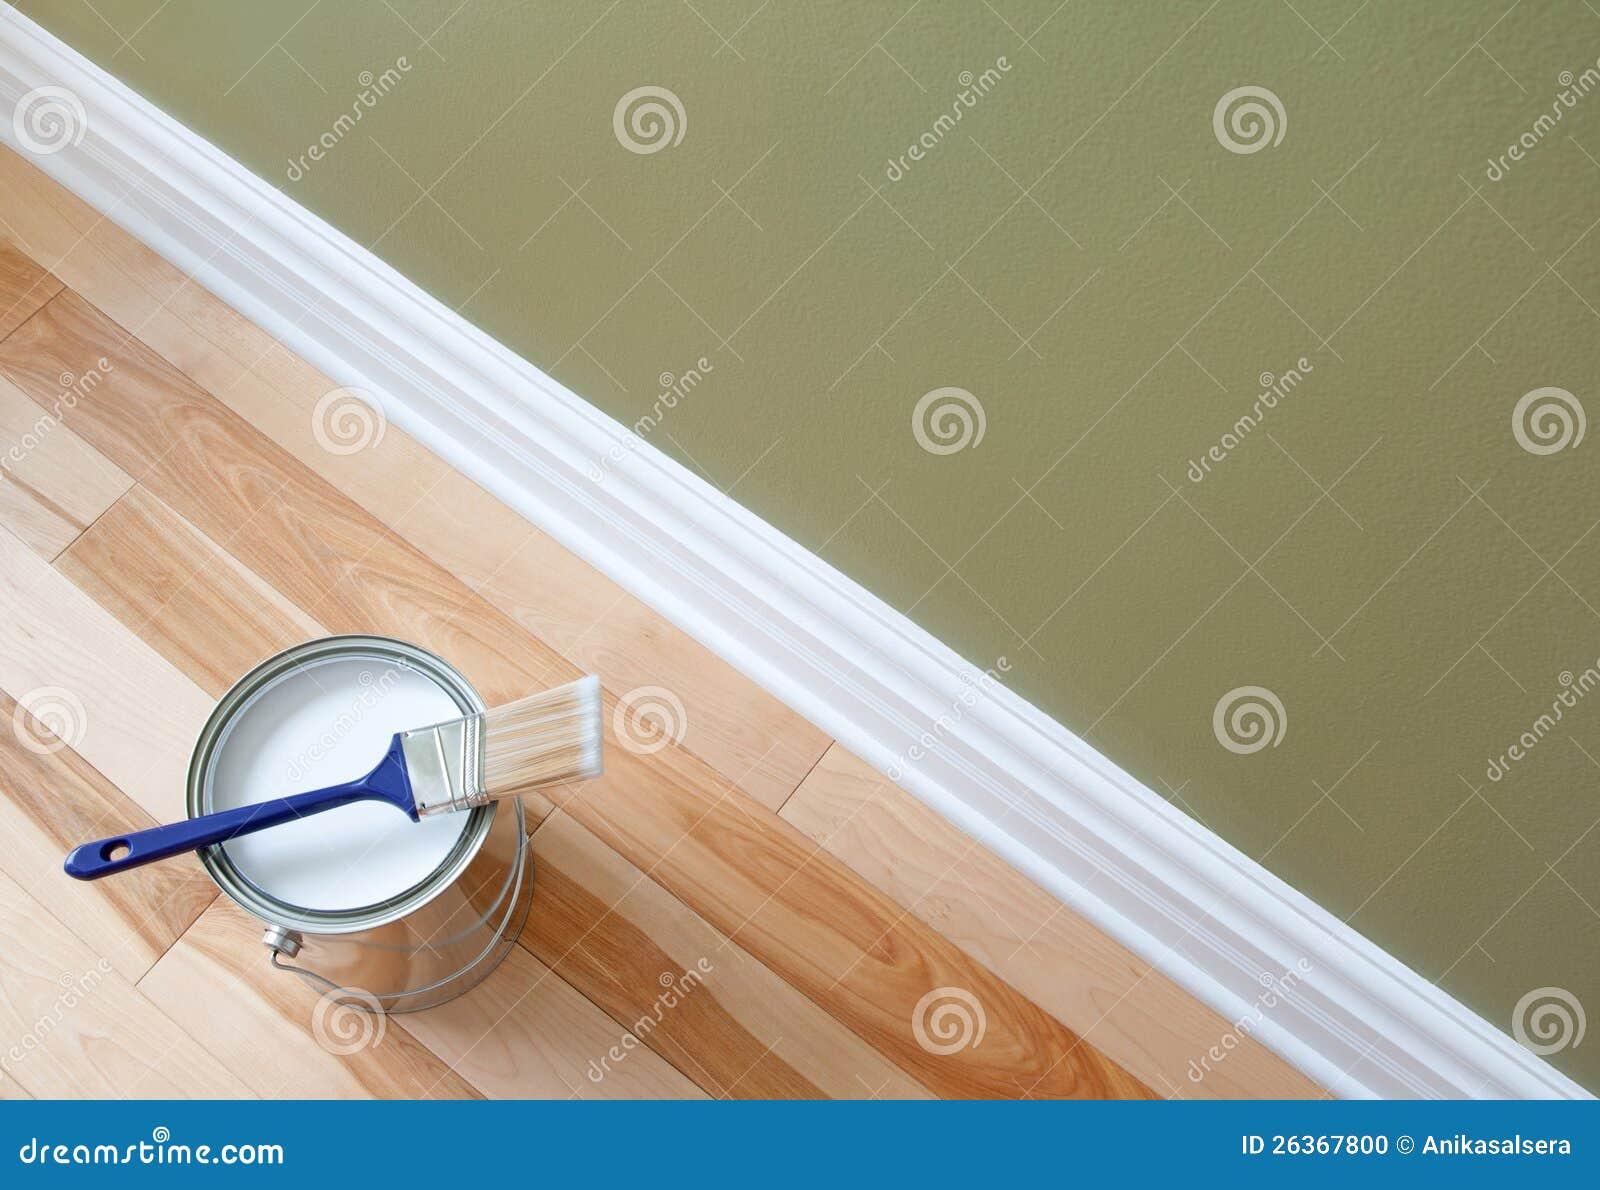 Malerpinsel und eine Dose Lack auf hölzernem Fußboden